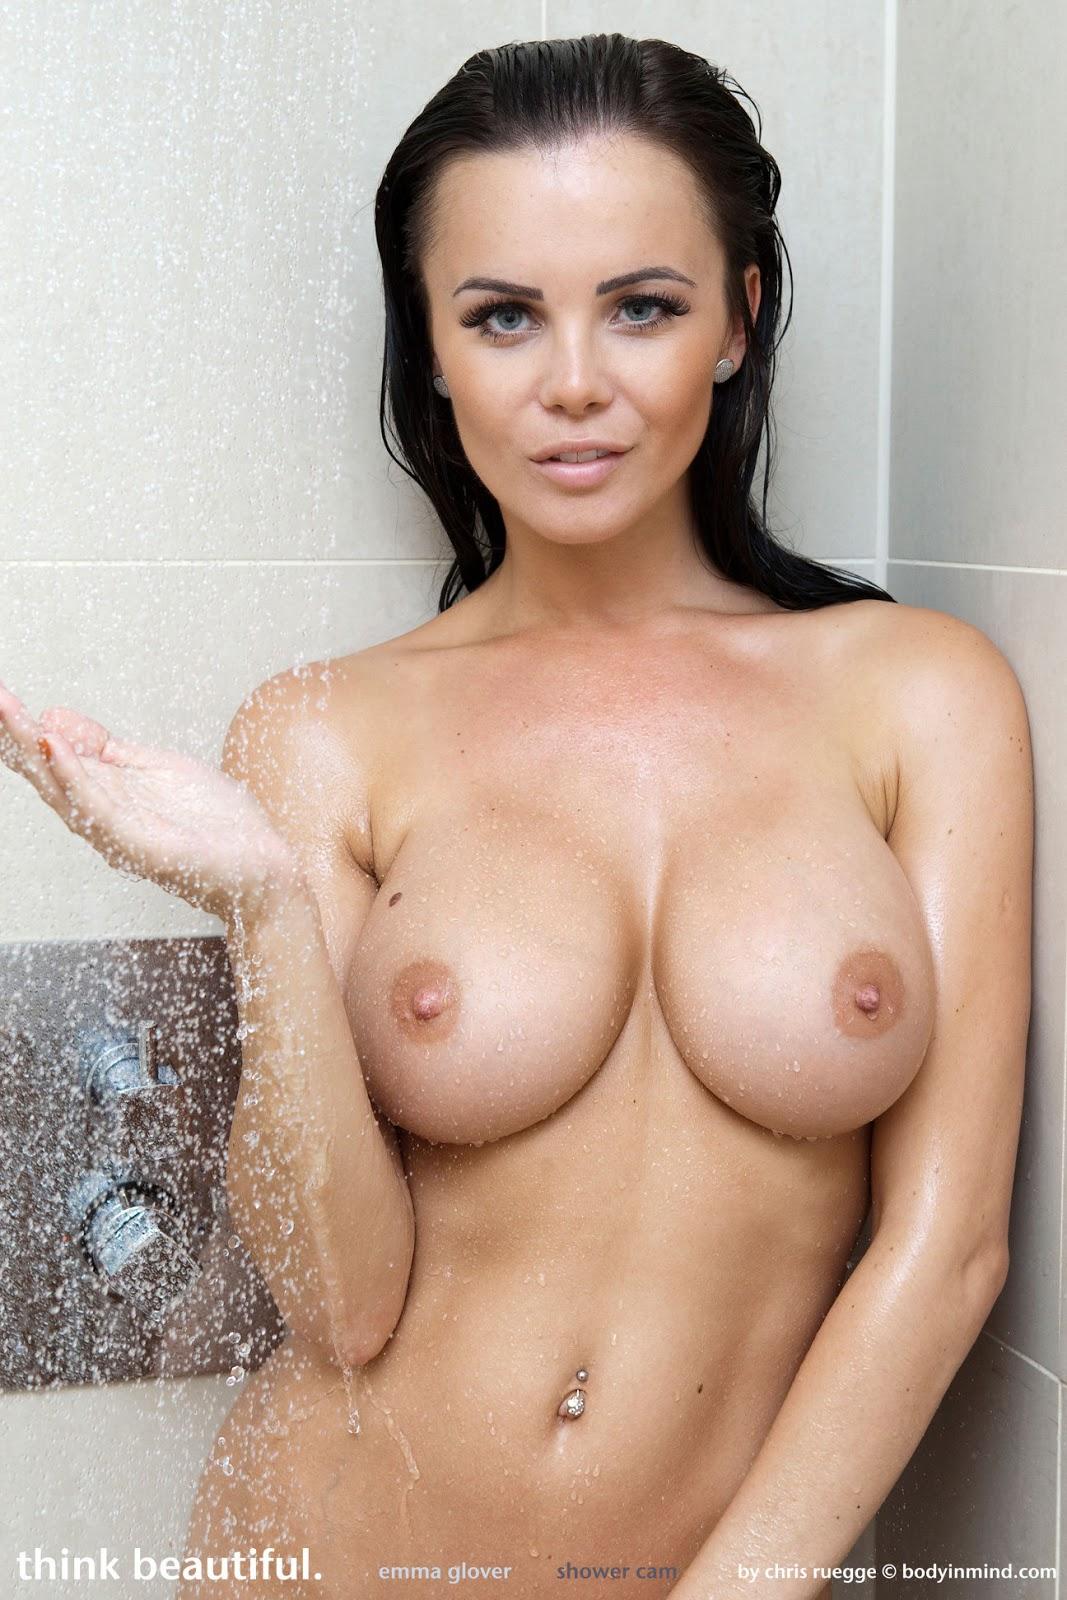 Emma glover boobpedia